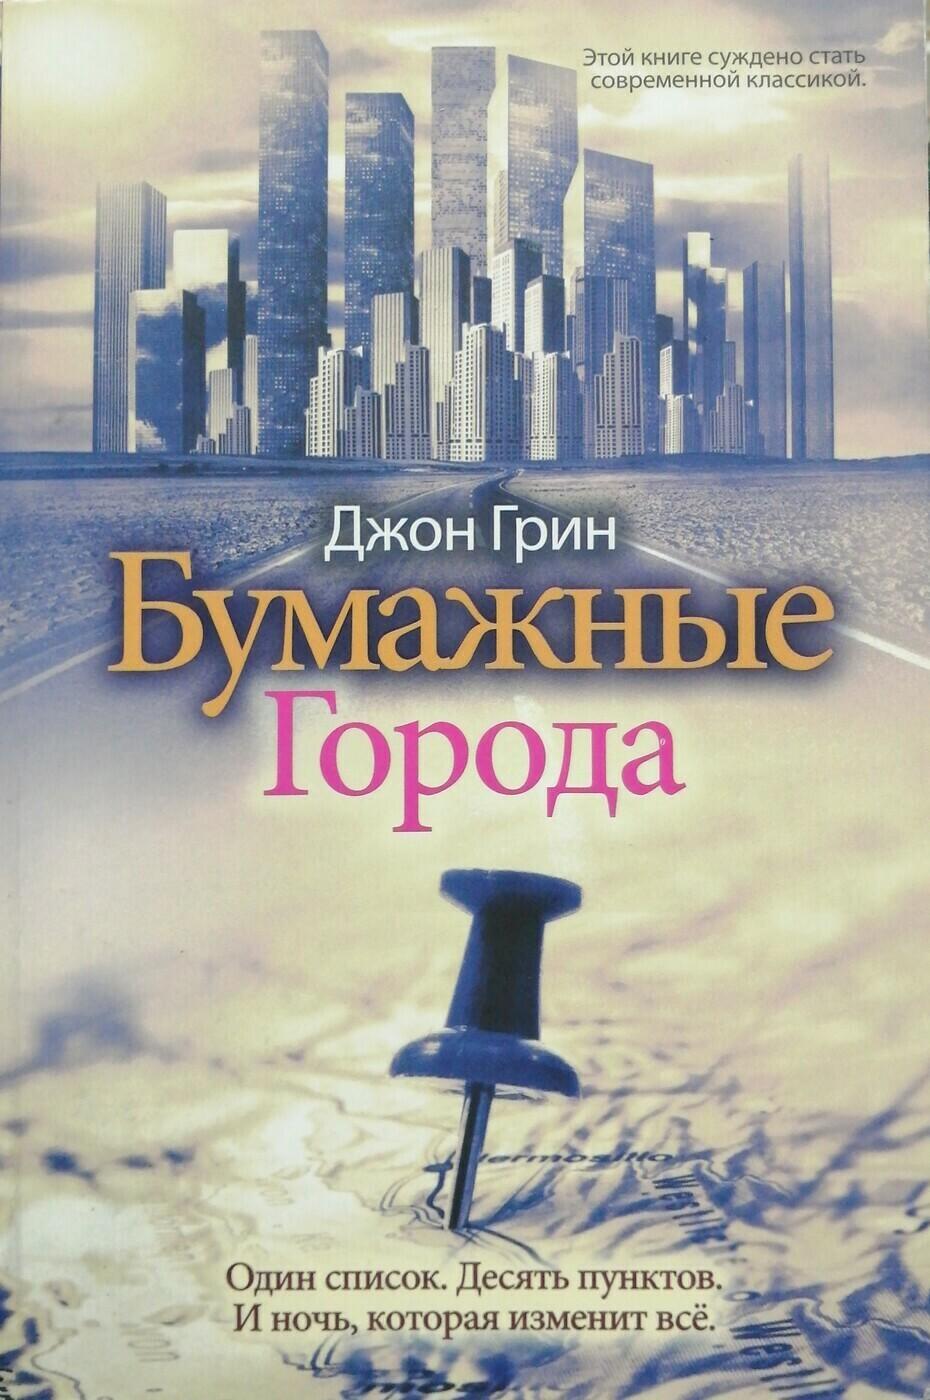 Бумажные города; Джон Грин